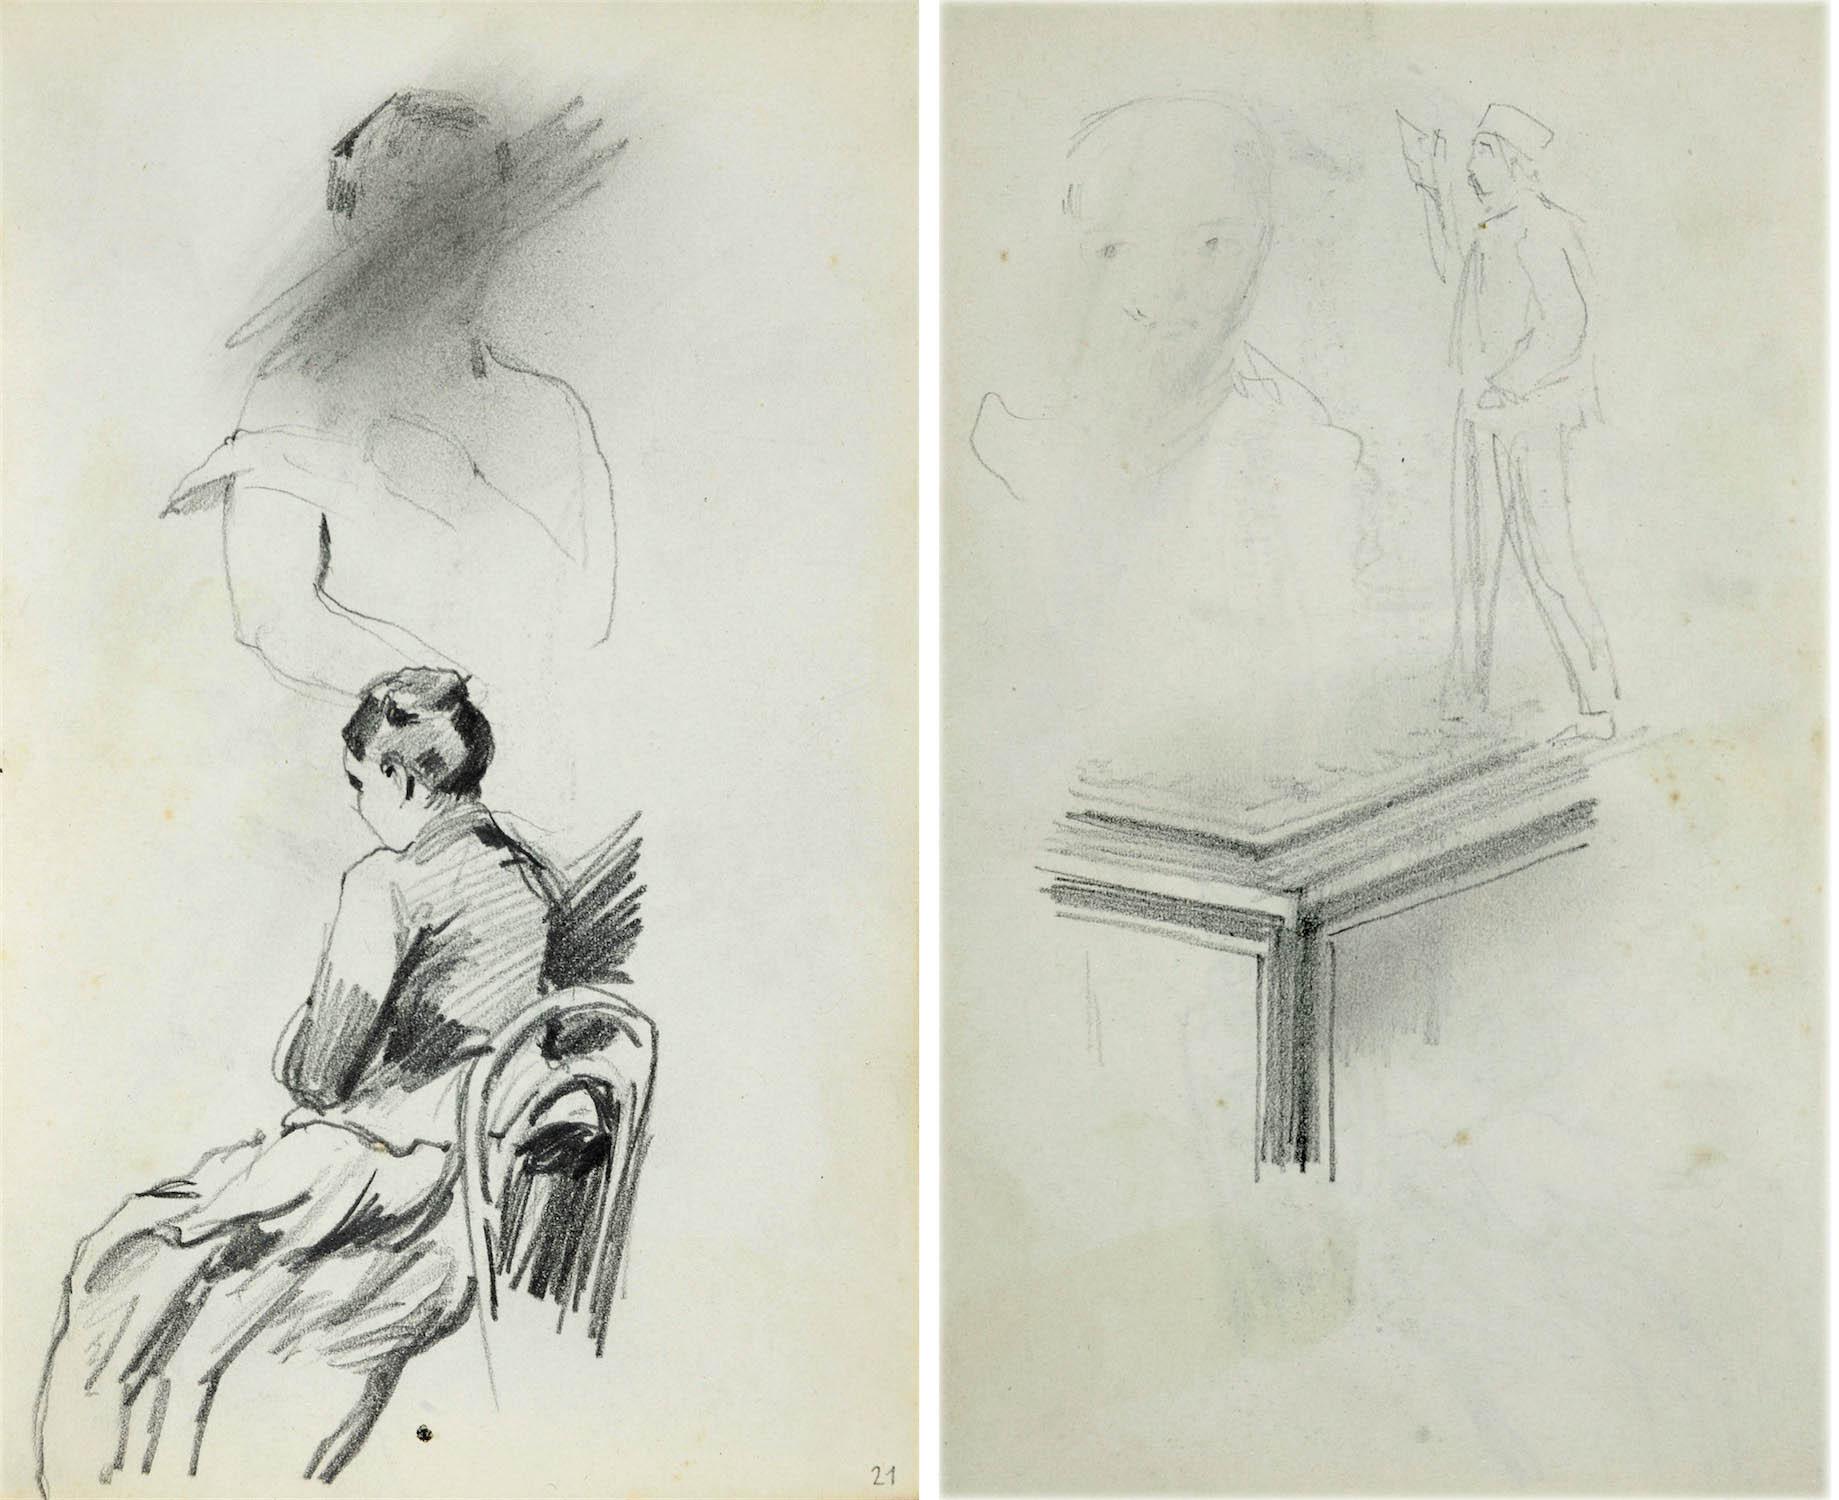 Kobieta w długiej sukni siedząca na krześle ukazana z lewego tyłu wyżej nieukończony, zakreślony przez artystę szkic popiersia kobiety